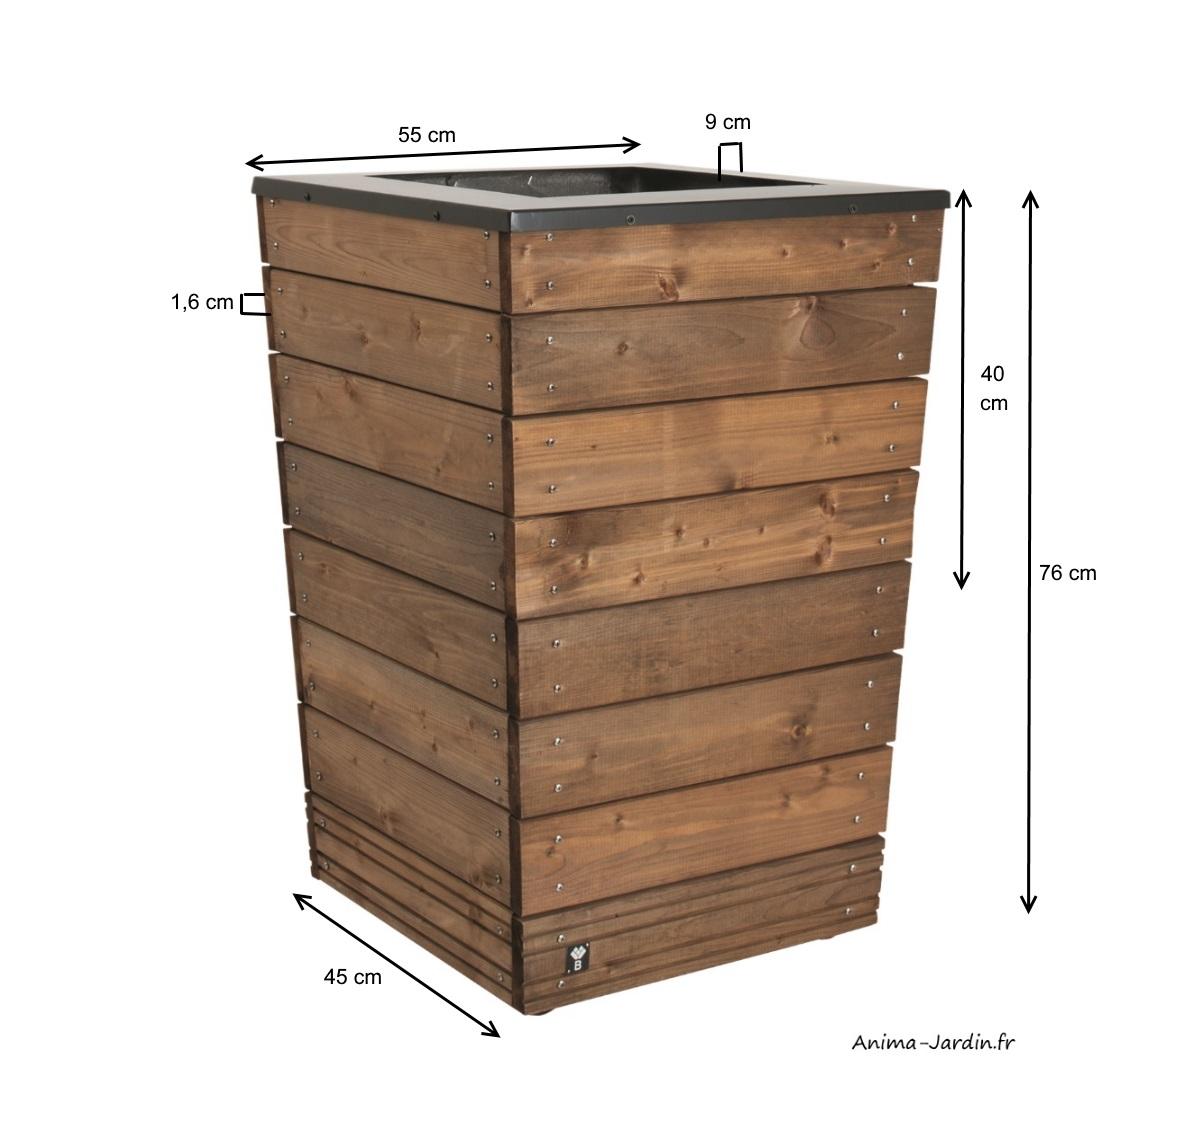 Bac-collector-90L-bois autoclave et métal-bac à fleurs-Burger-Anima-Jardin.fr